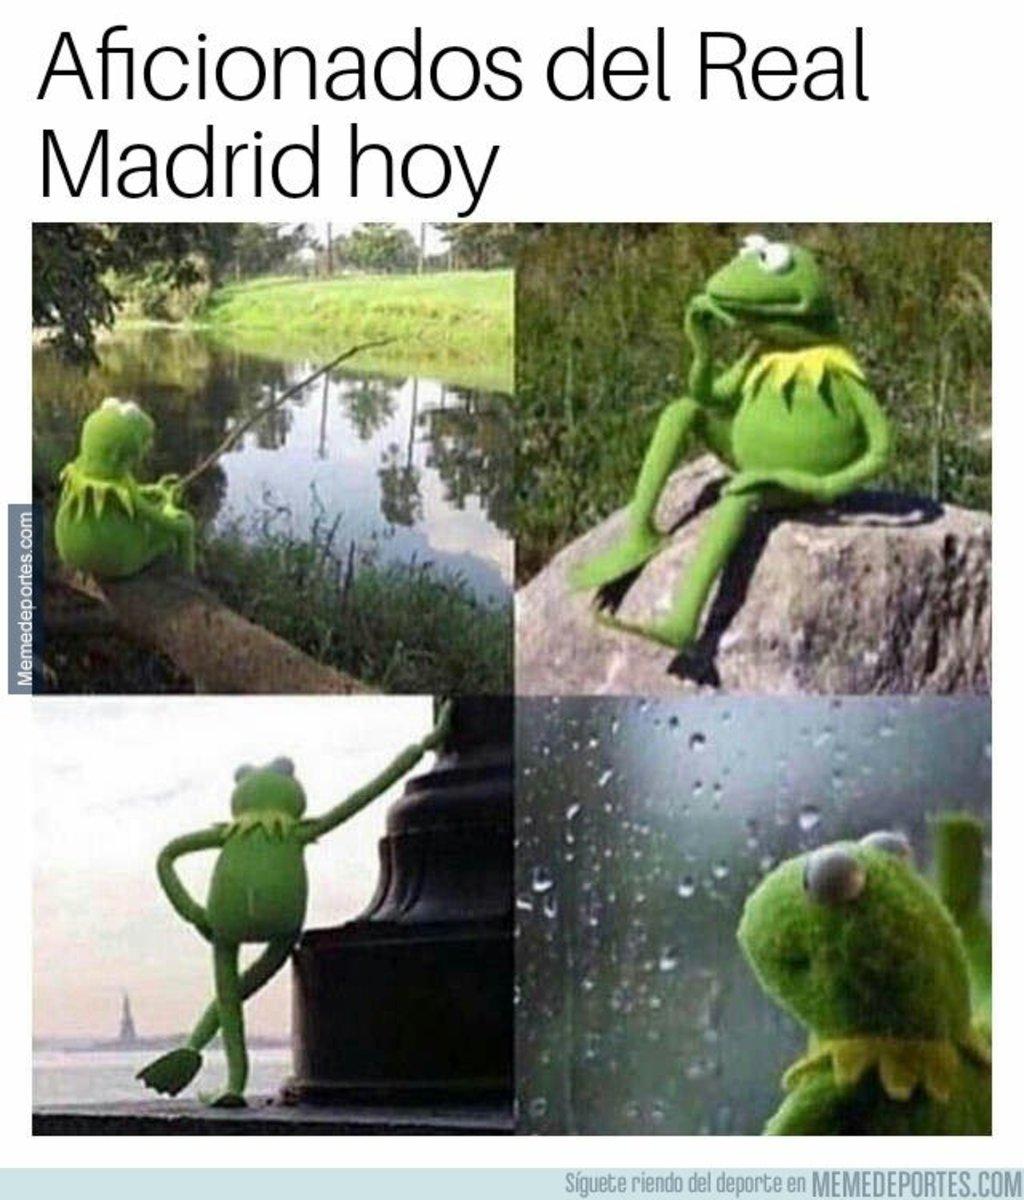 1054602 - Un día duro para el Madridismo